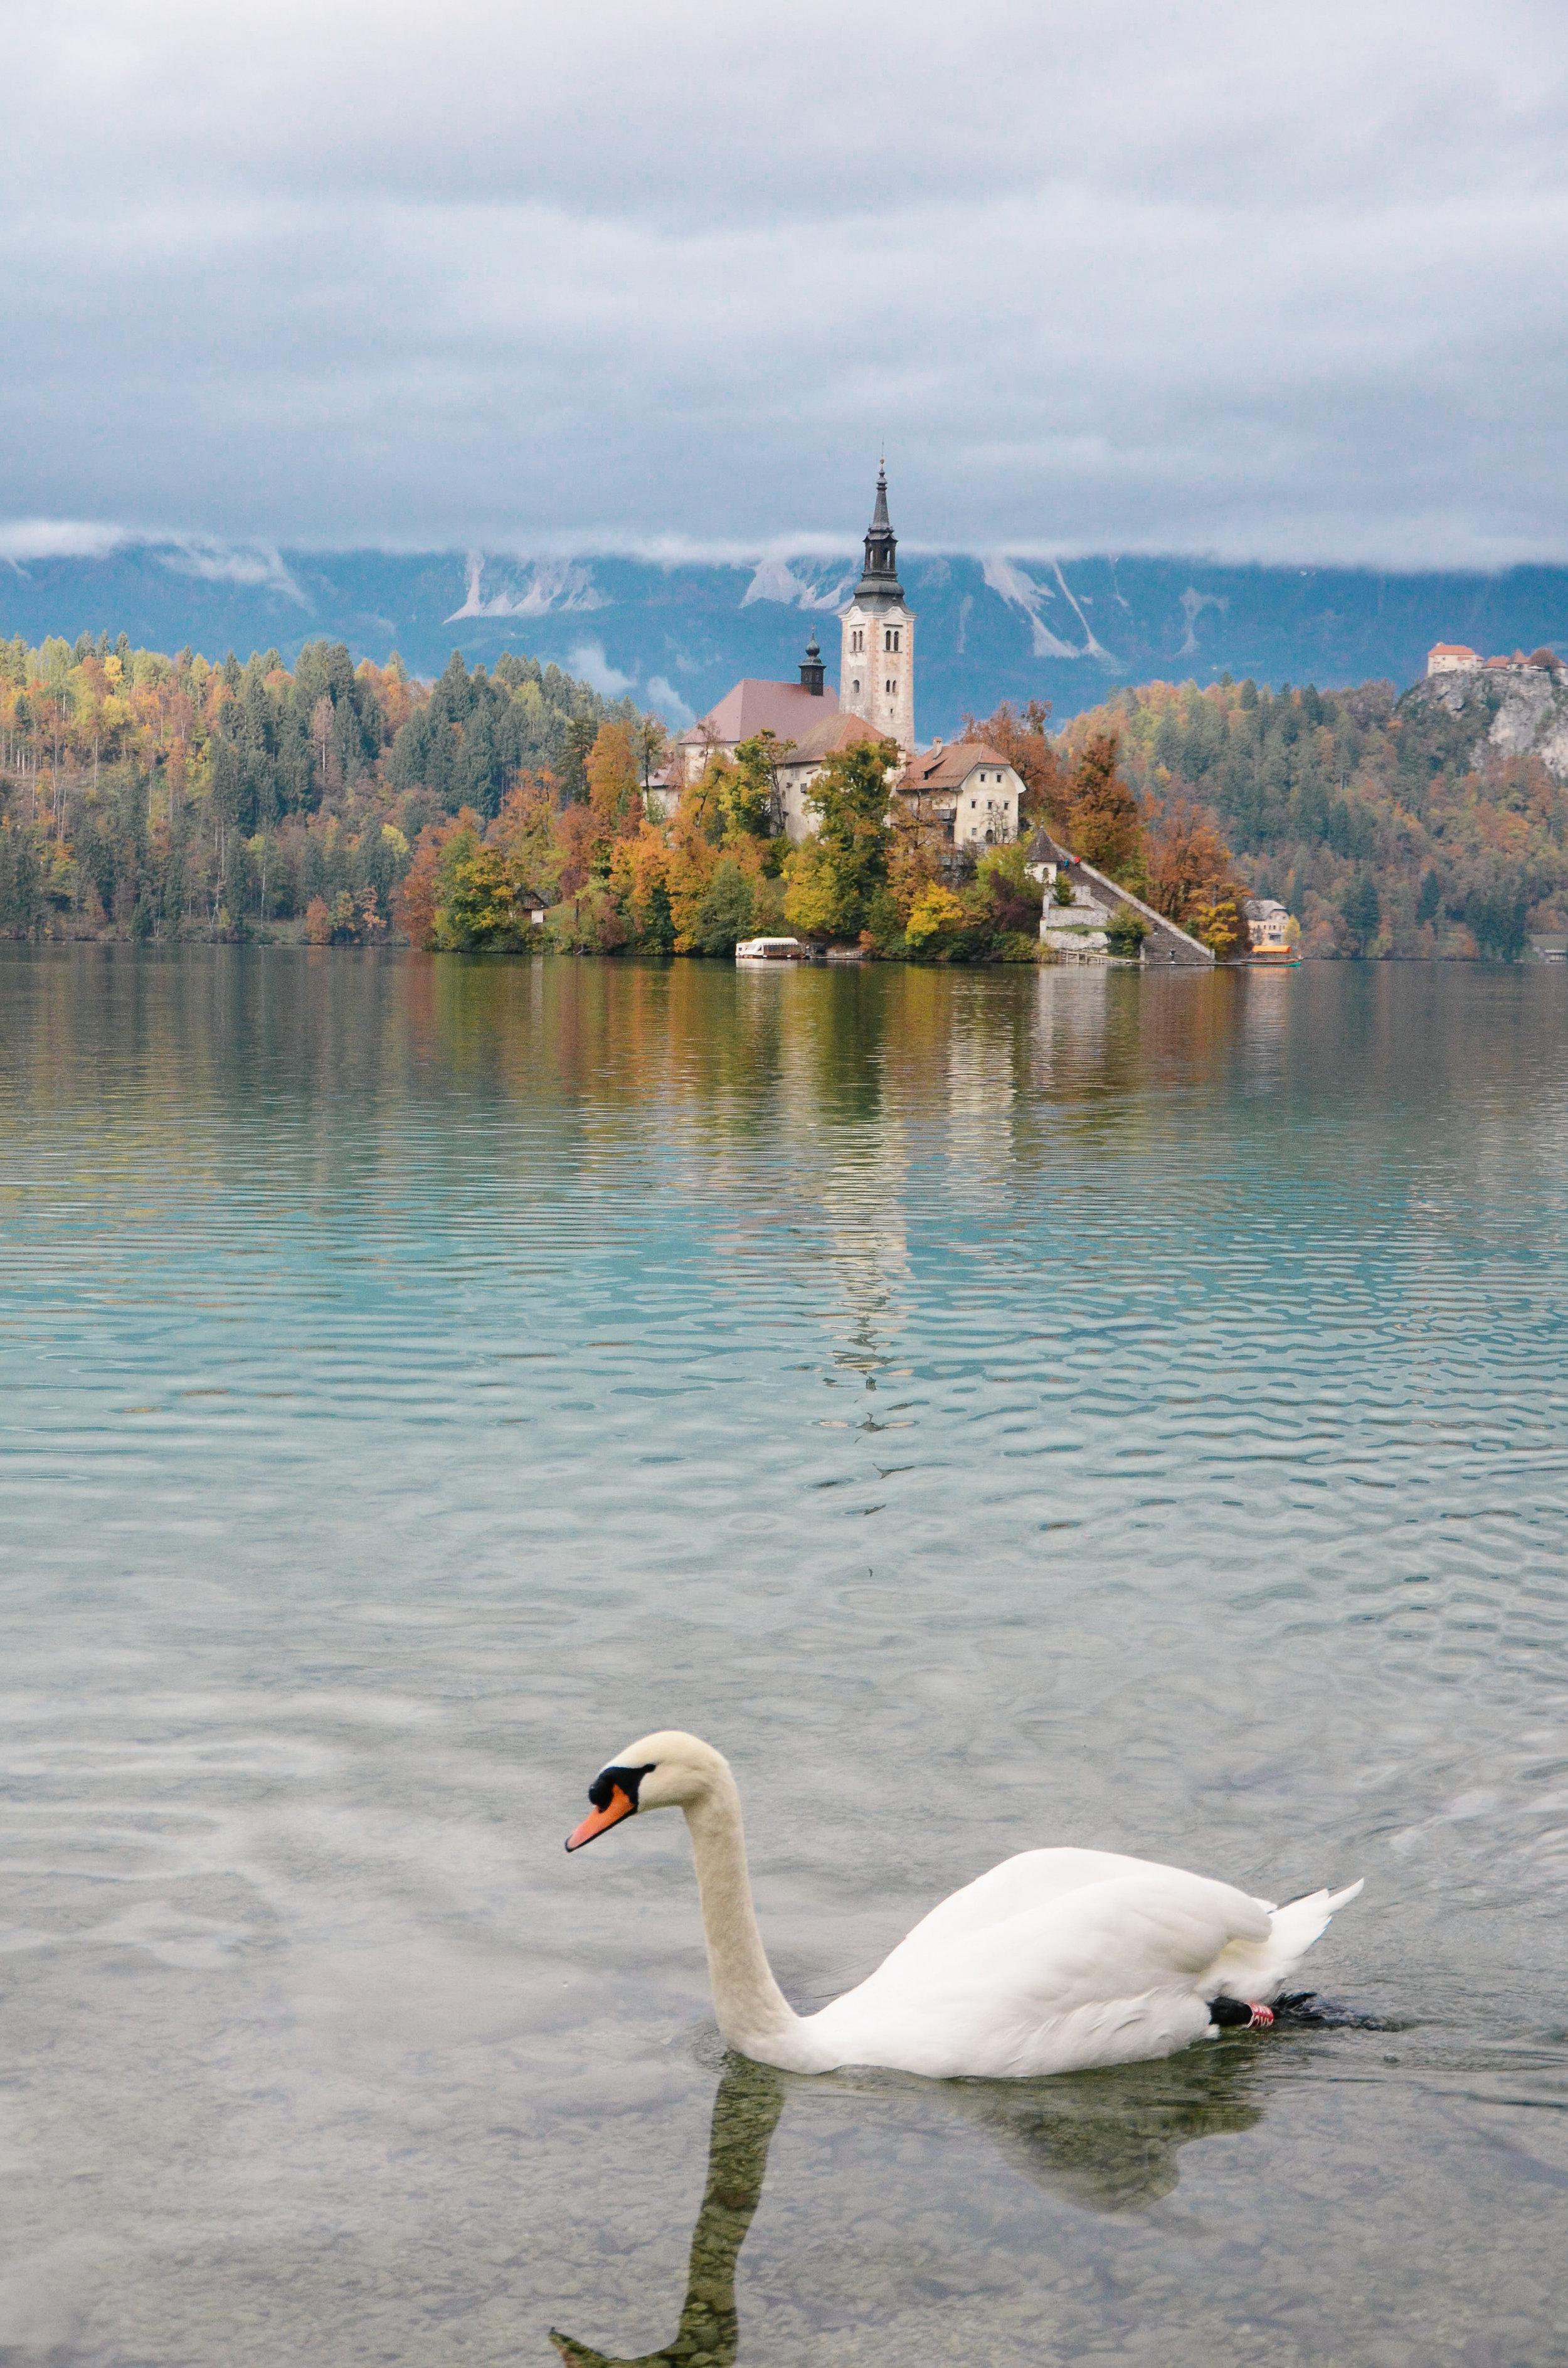 lake-bled-slovenia-travel-guide-lifeonpine_DSC_1660.jpg